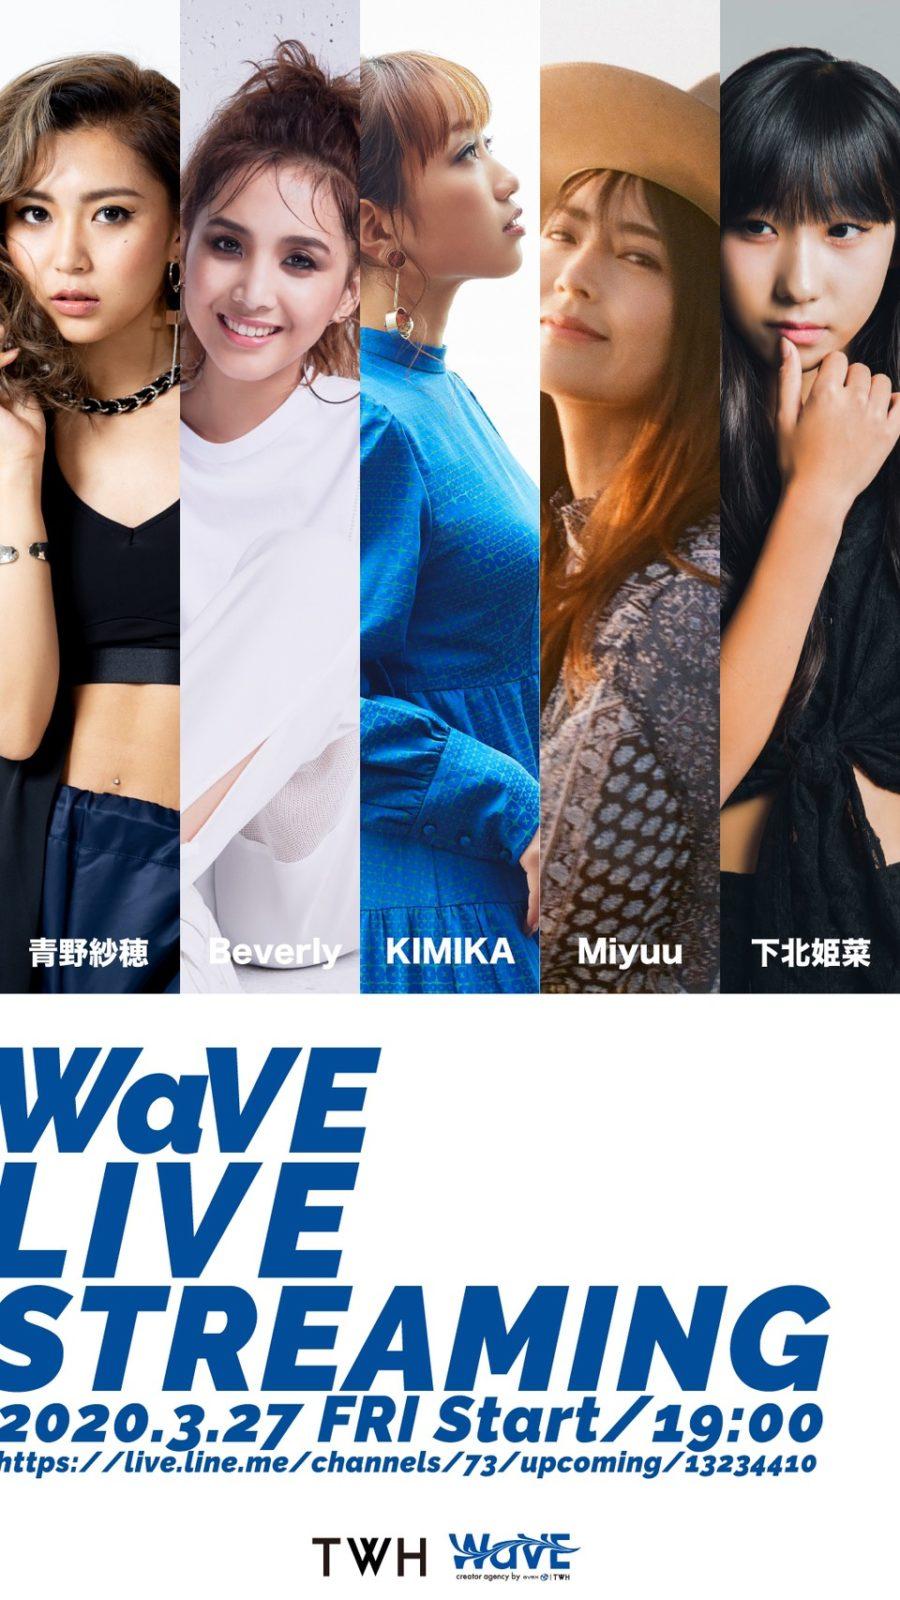 クリエイター・エージェンシー WaVEが主宰する配信ライブ「WaVE Live Streaming」開催決定サムネイル画像